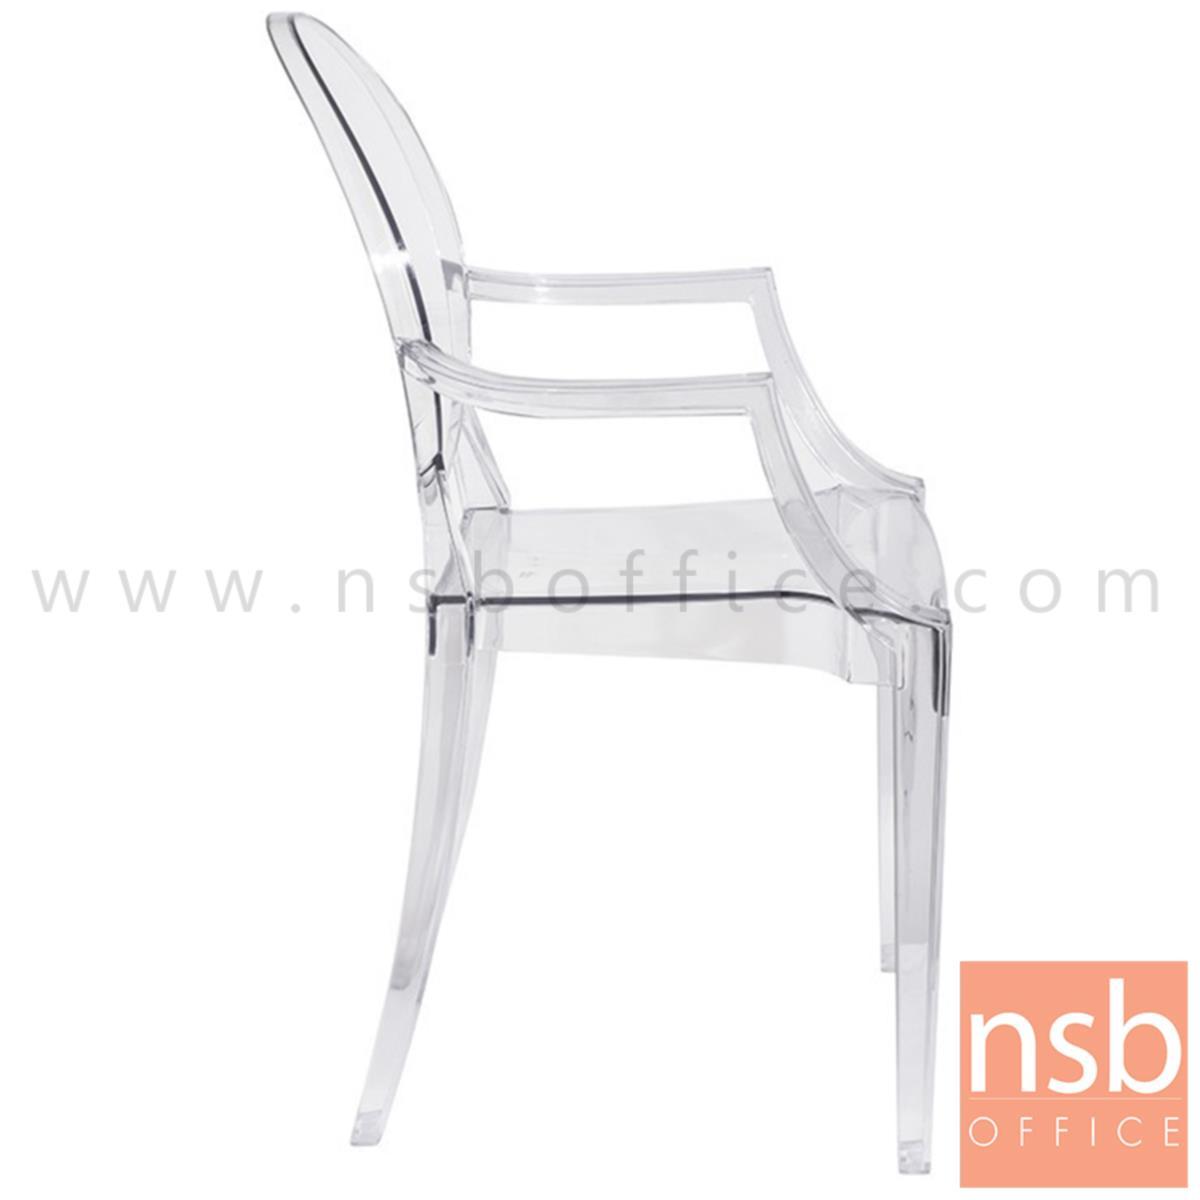 เก้าอี้โมเดิร์นพลาสติกใสล้วน รุ่น Barrymore (แบร์รีมัวร์) ขนาด 53W cm.